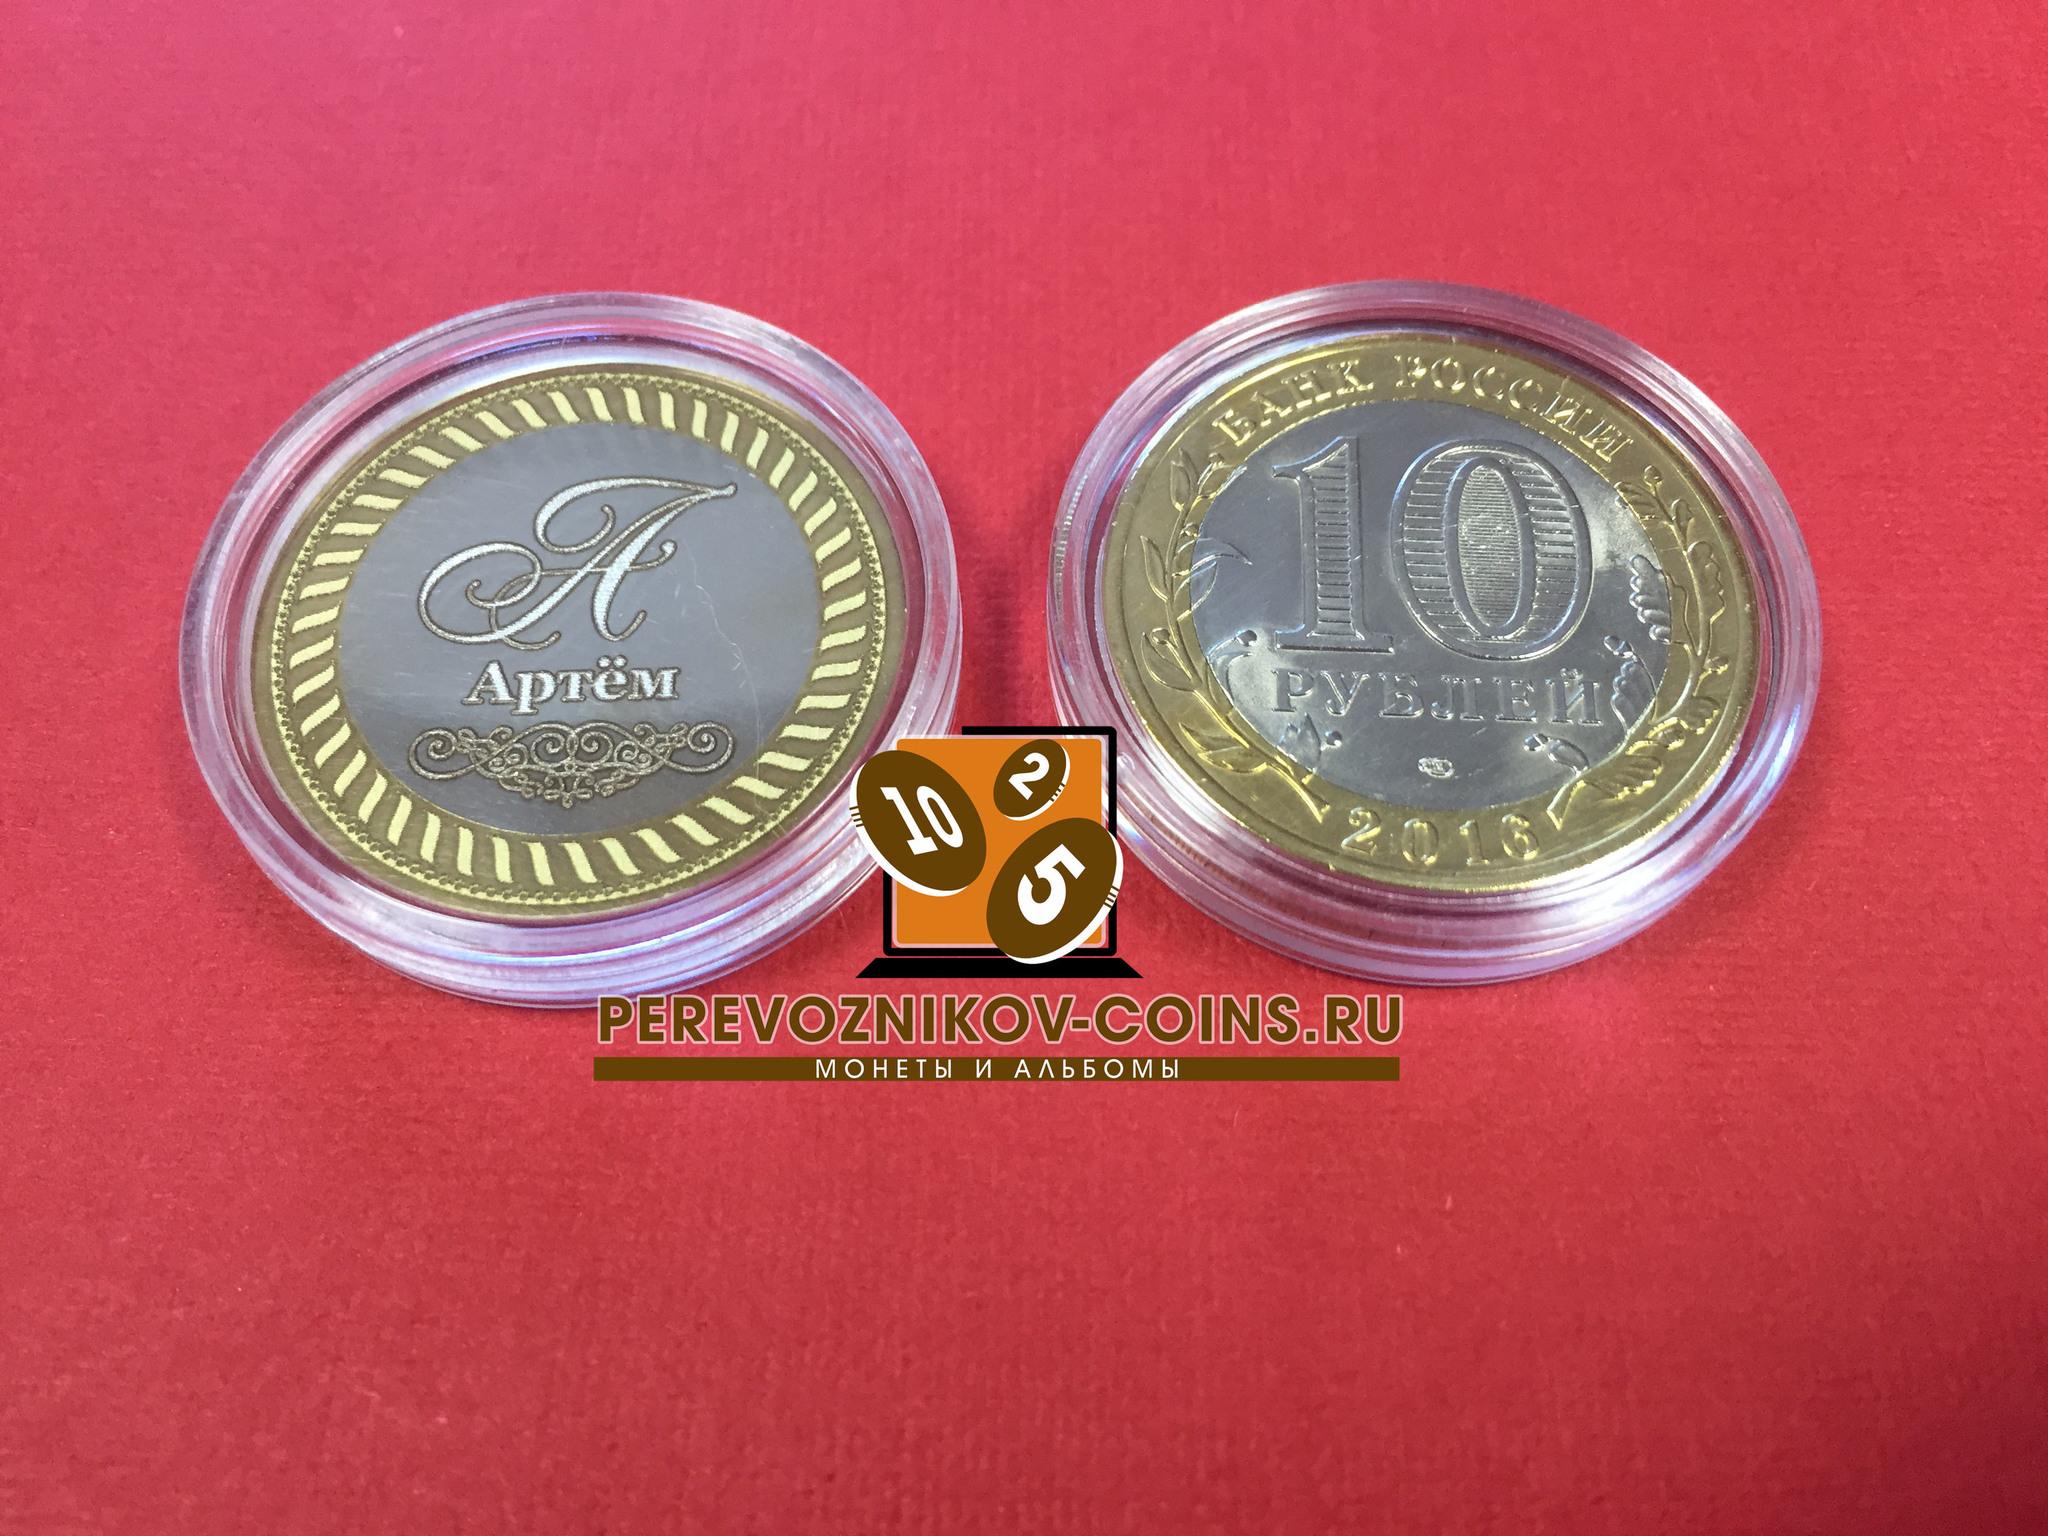 Артём. Гравированная монета 10 рублей